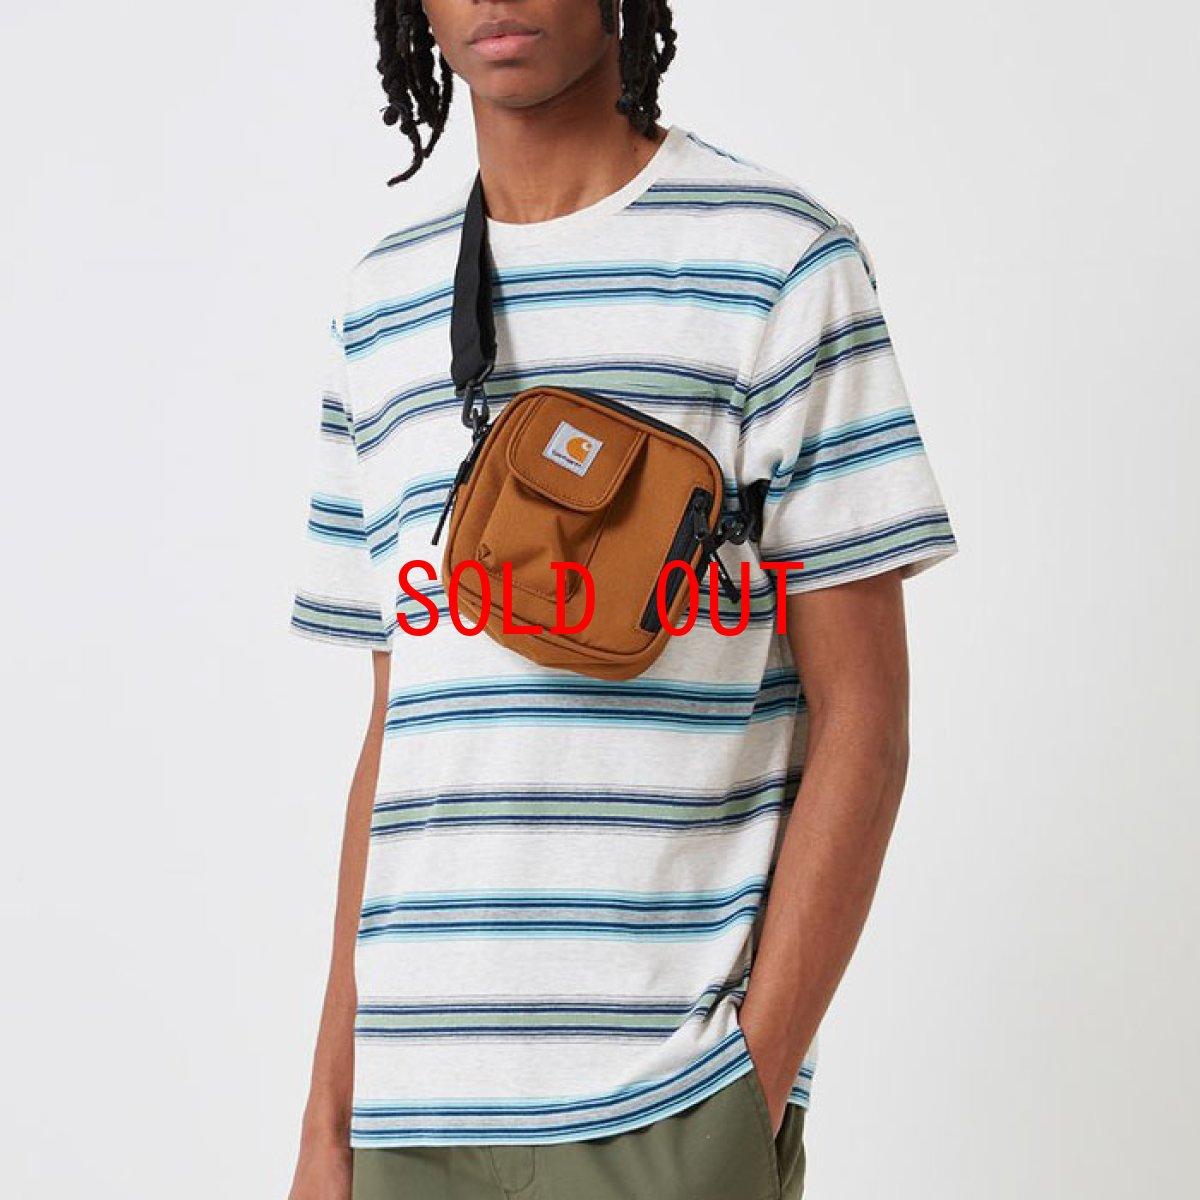 画像1: Essentials Bag Small エッセンシャル ショルダー バッグ Hamilton Brown Black Camo Laurel Multi ブラック ブラウン カモ 切替 (1)